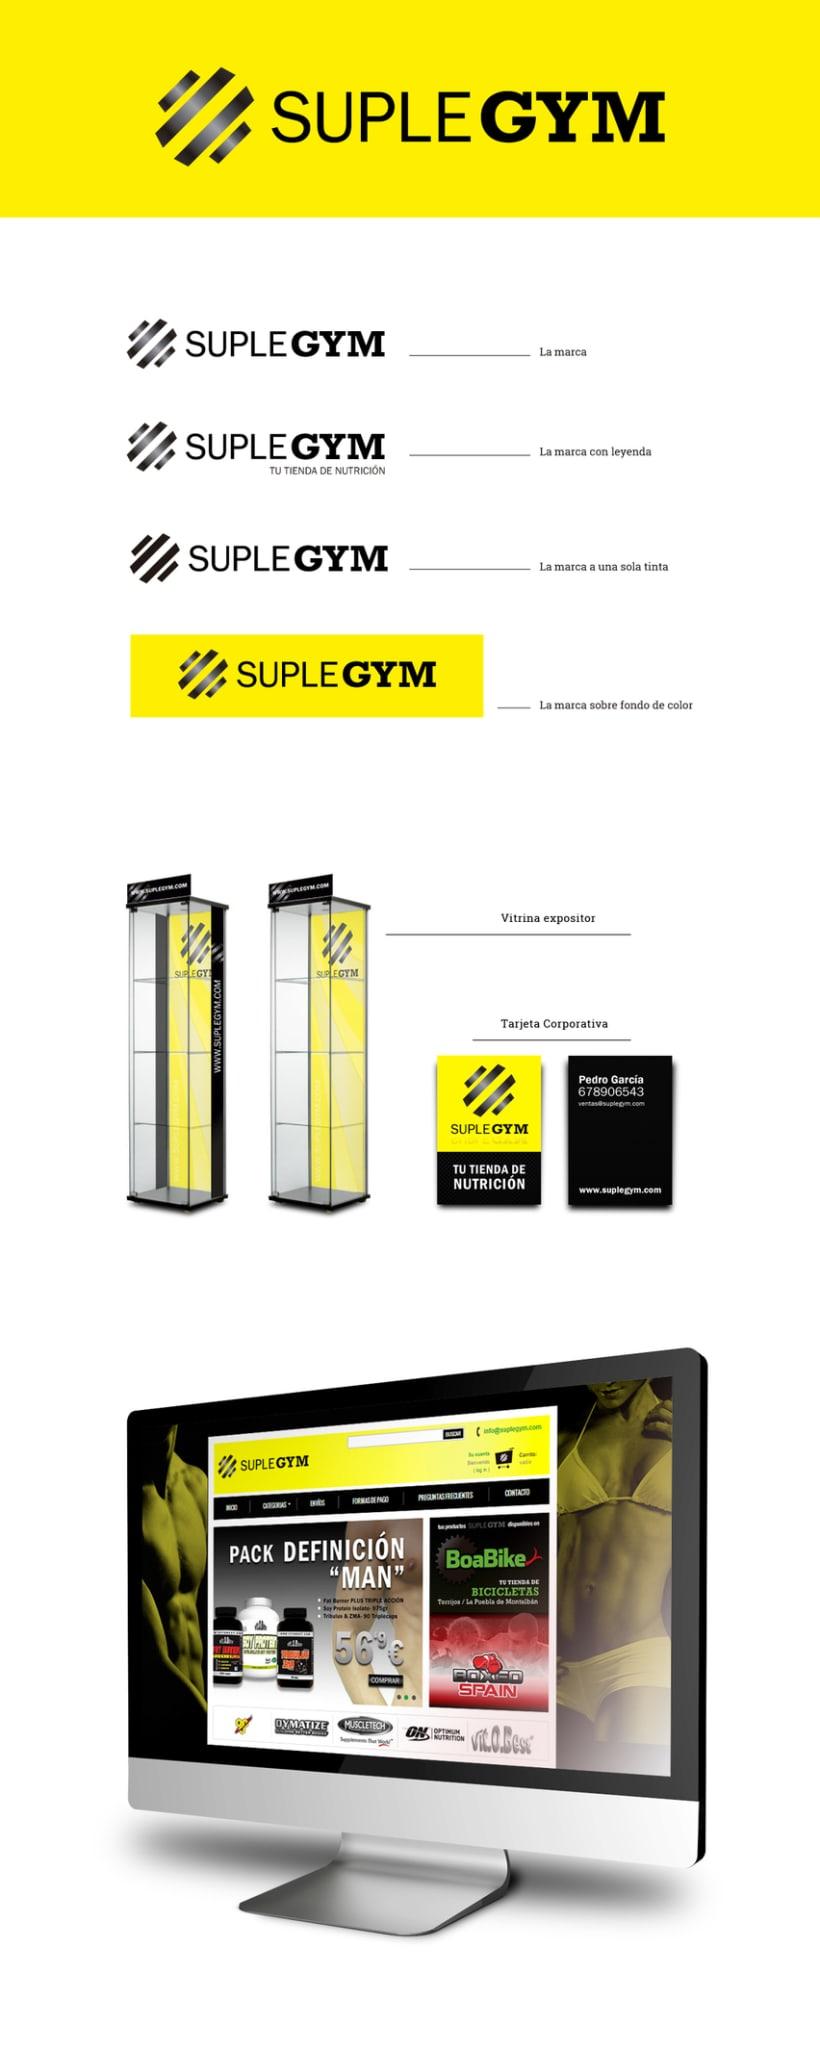 SupleGym, tienda de nutrición deportiva. 0